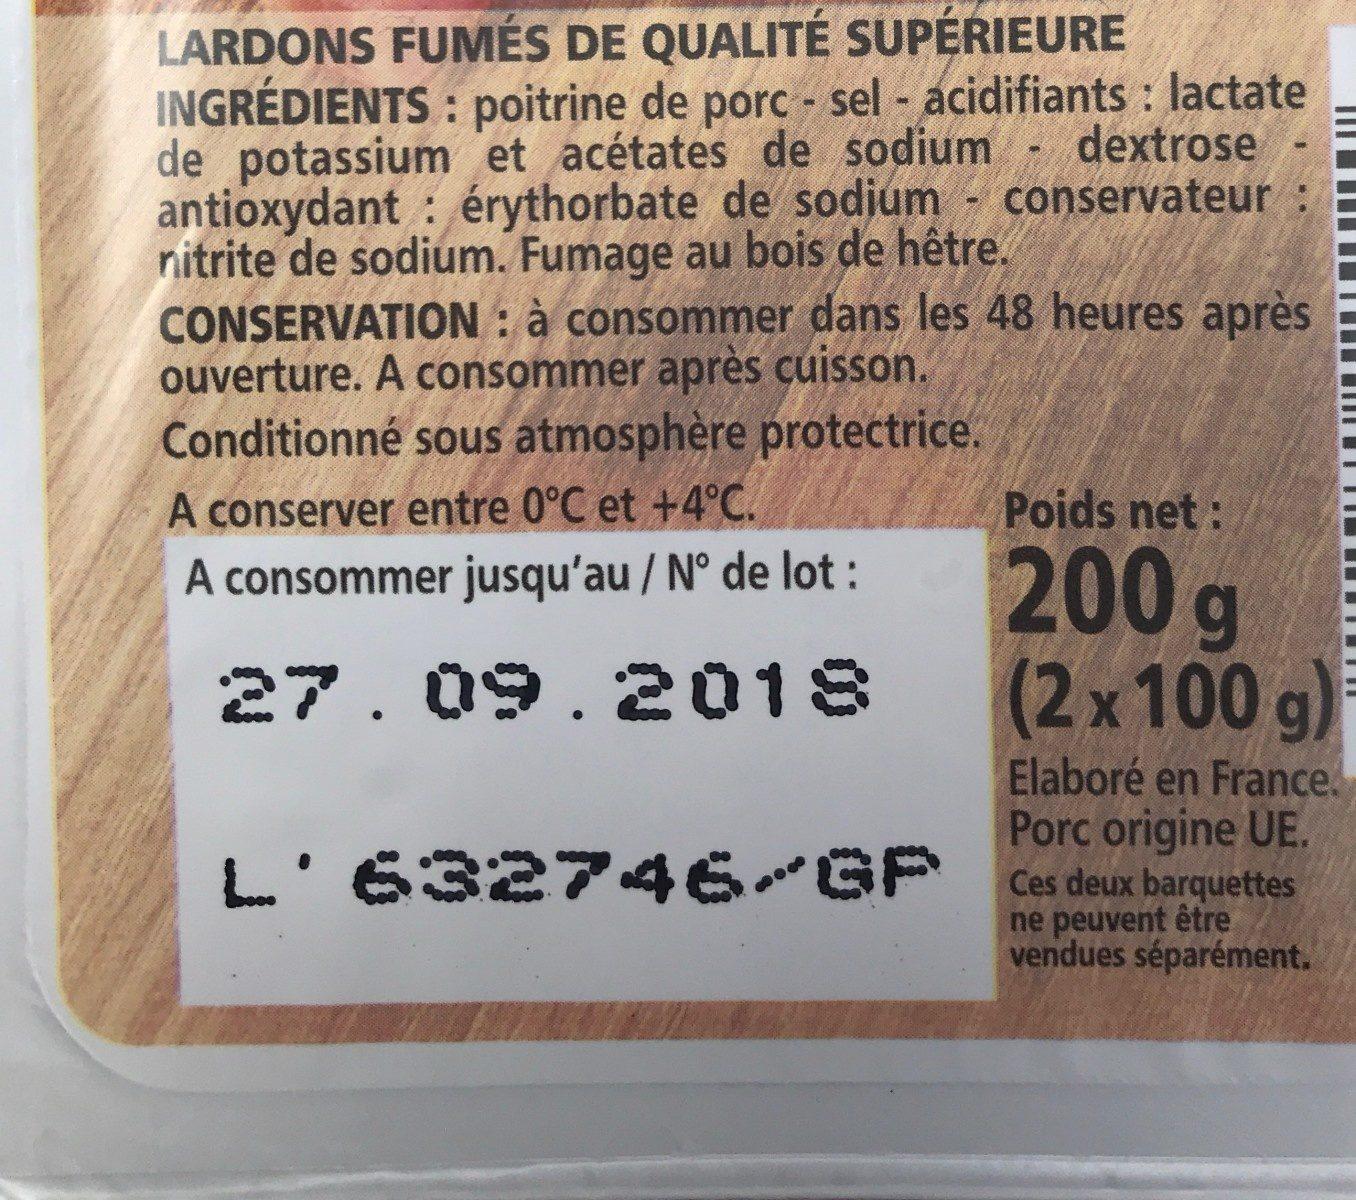 Lardons fumés - Ingrediënten